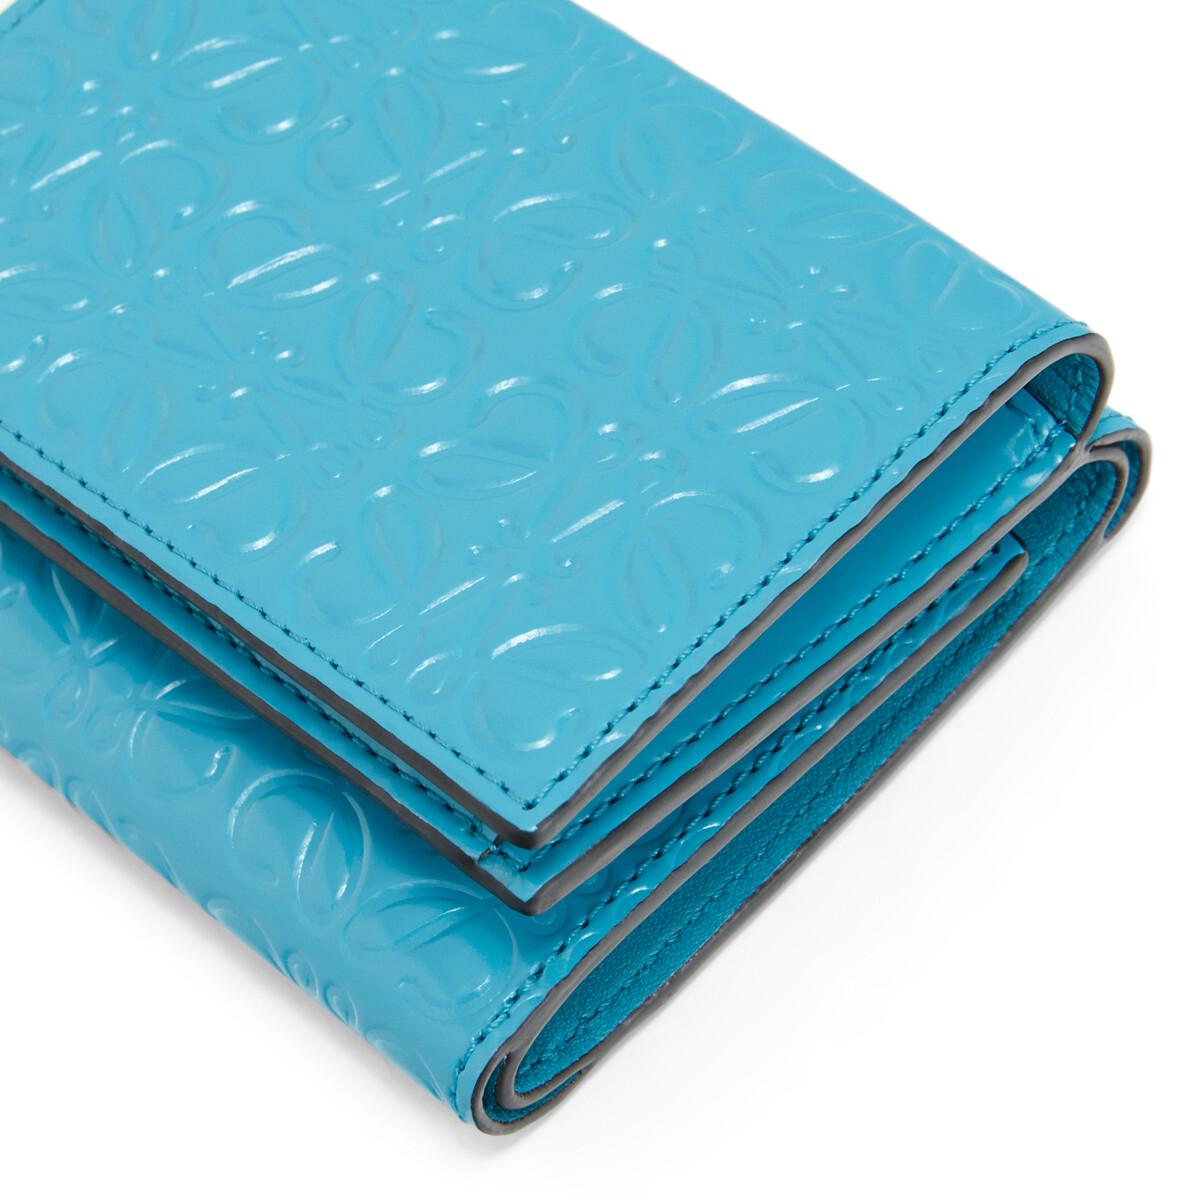 LOEWE Compact Zip Wallet Peacock Blue front